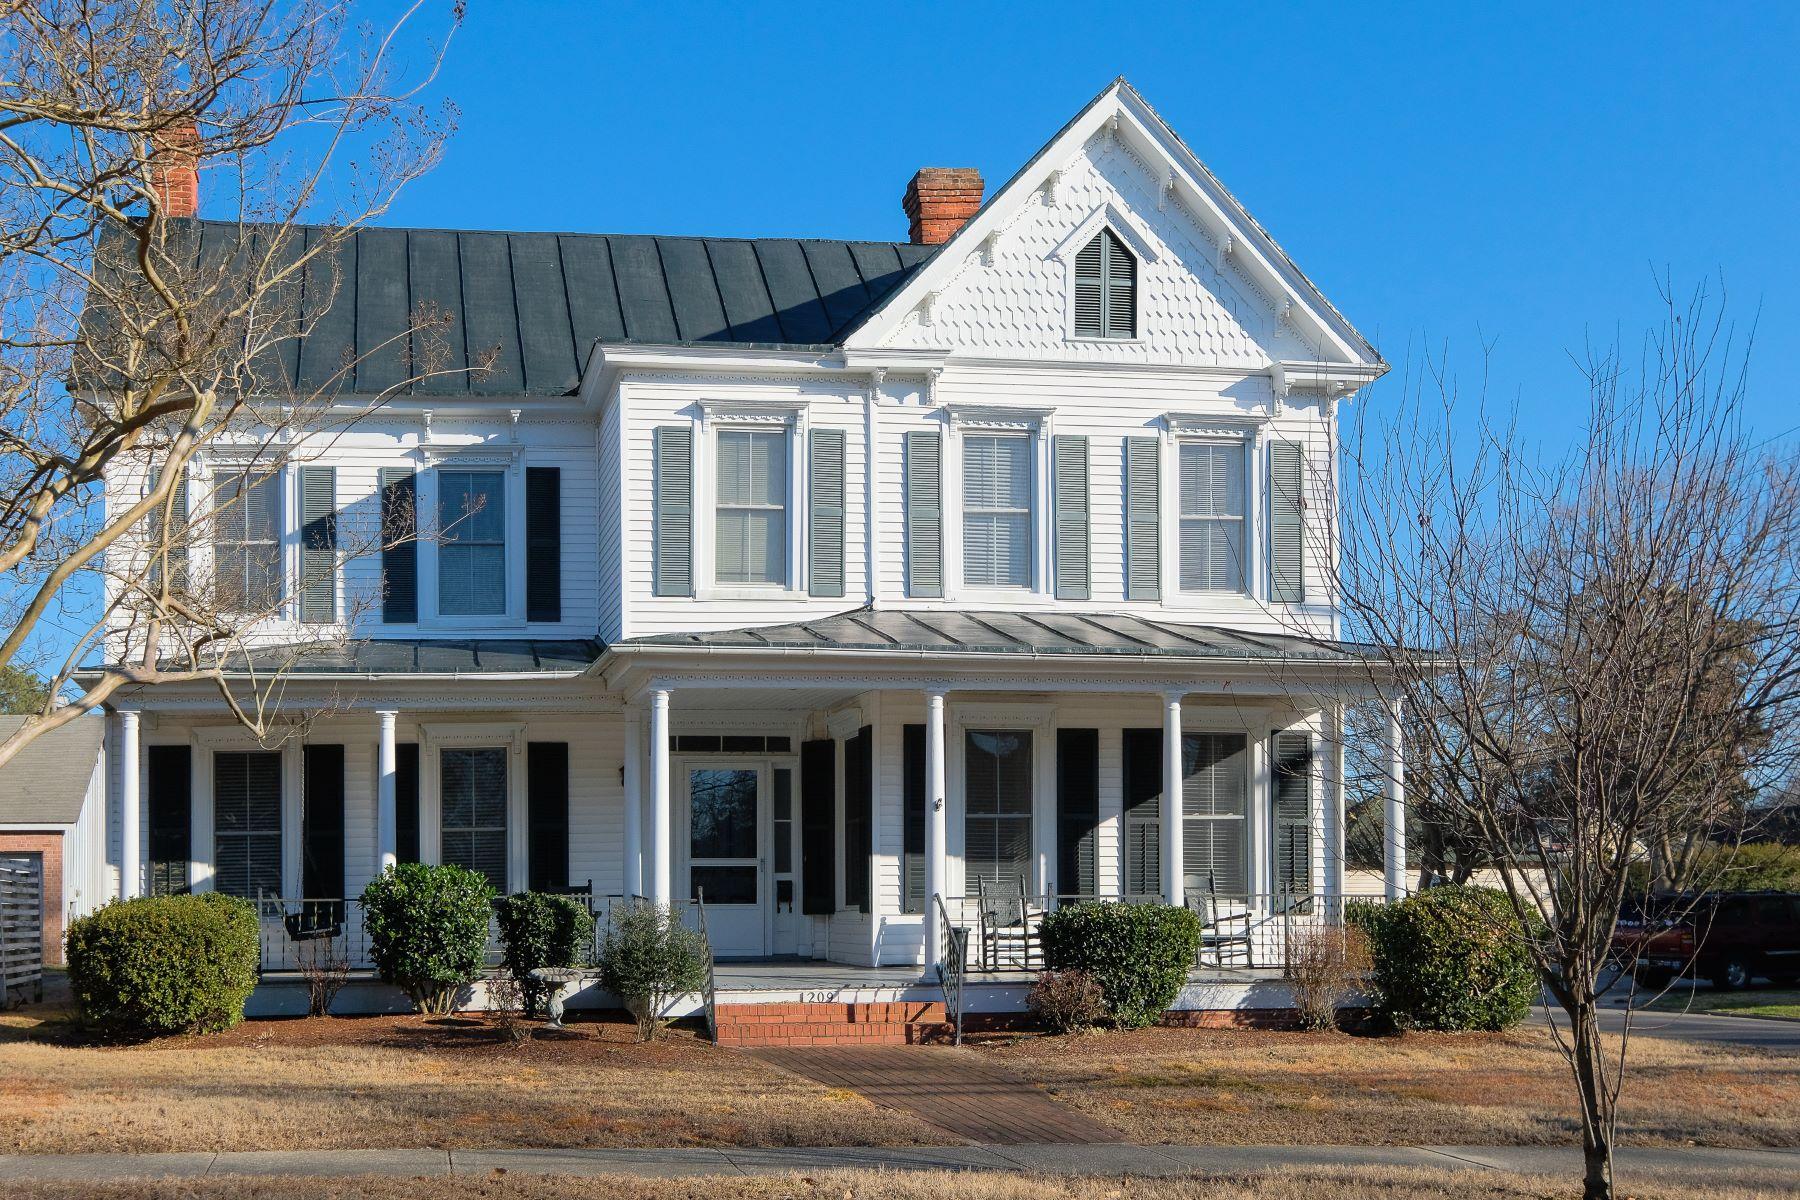 独户住宅 为 销售 在 SOUTHERN CHARM 209 S Granville St, 登顿, 北卡罗来纳州, 27932 美国